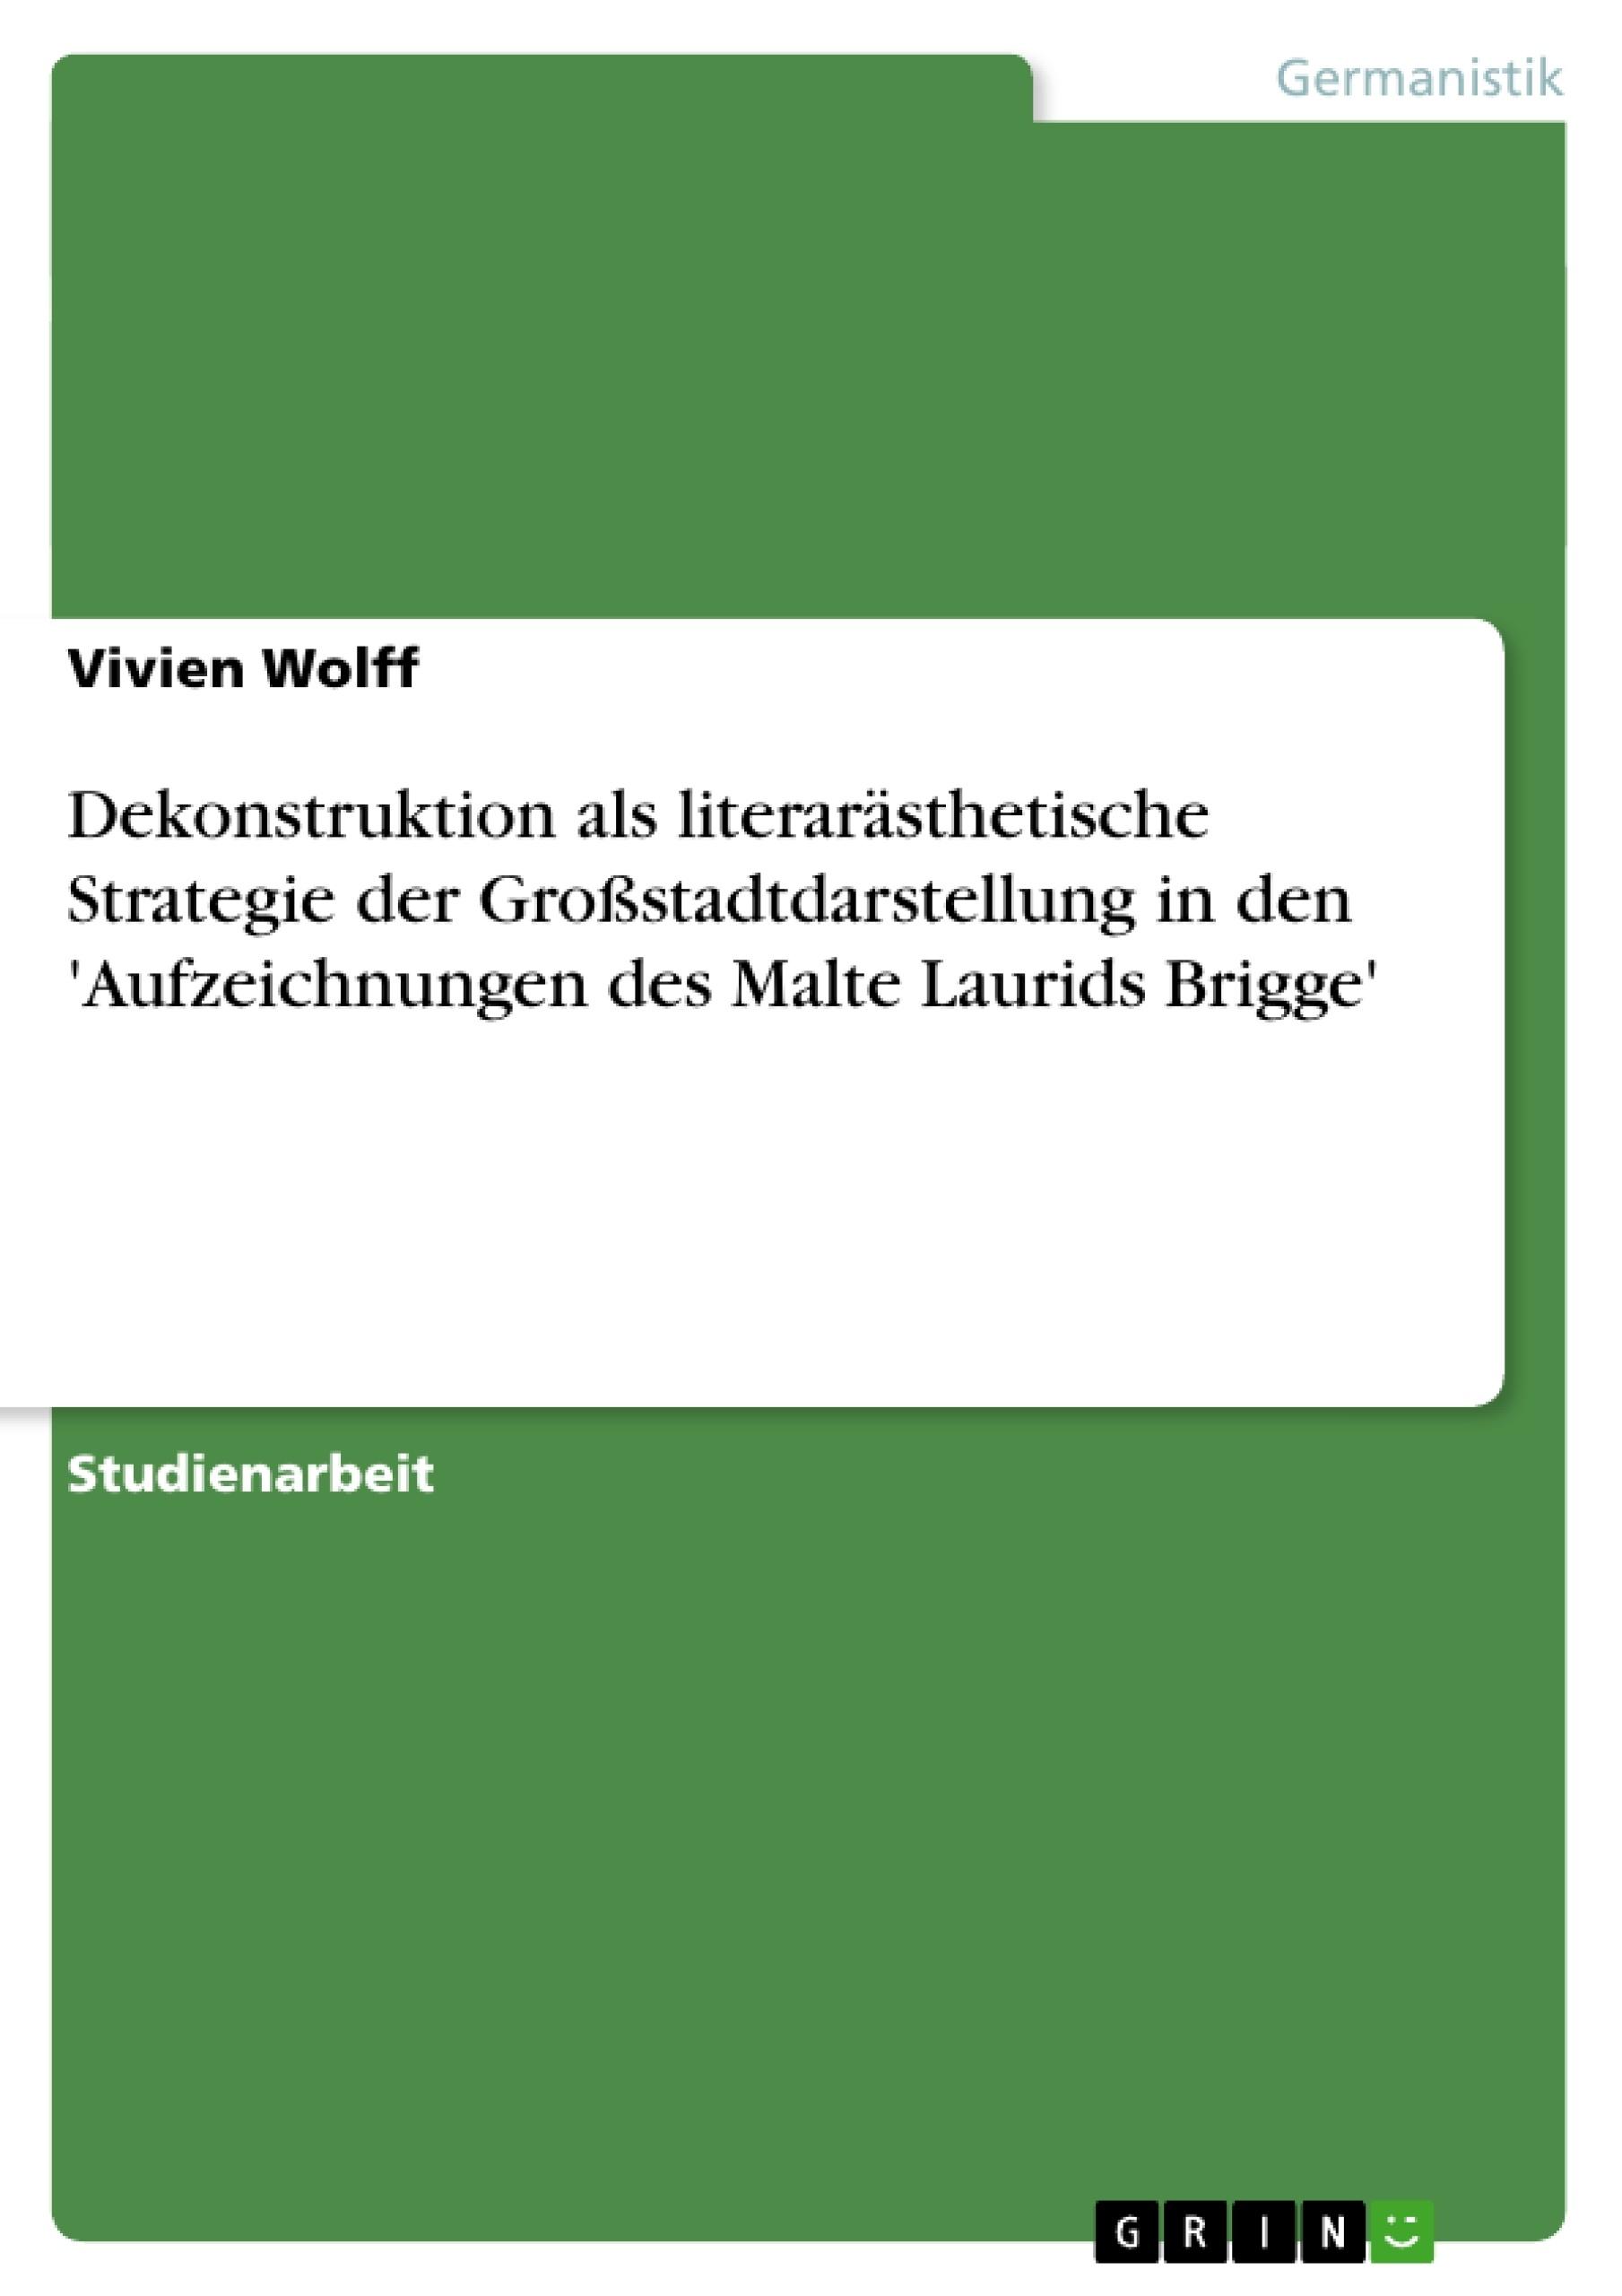 Titel: Dekonstruktion als literarästhetische Strategie der Großstadtdarstellung in den 'Aufzeichnungen des Malte Laurids Brigge'